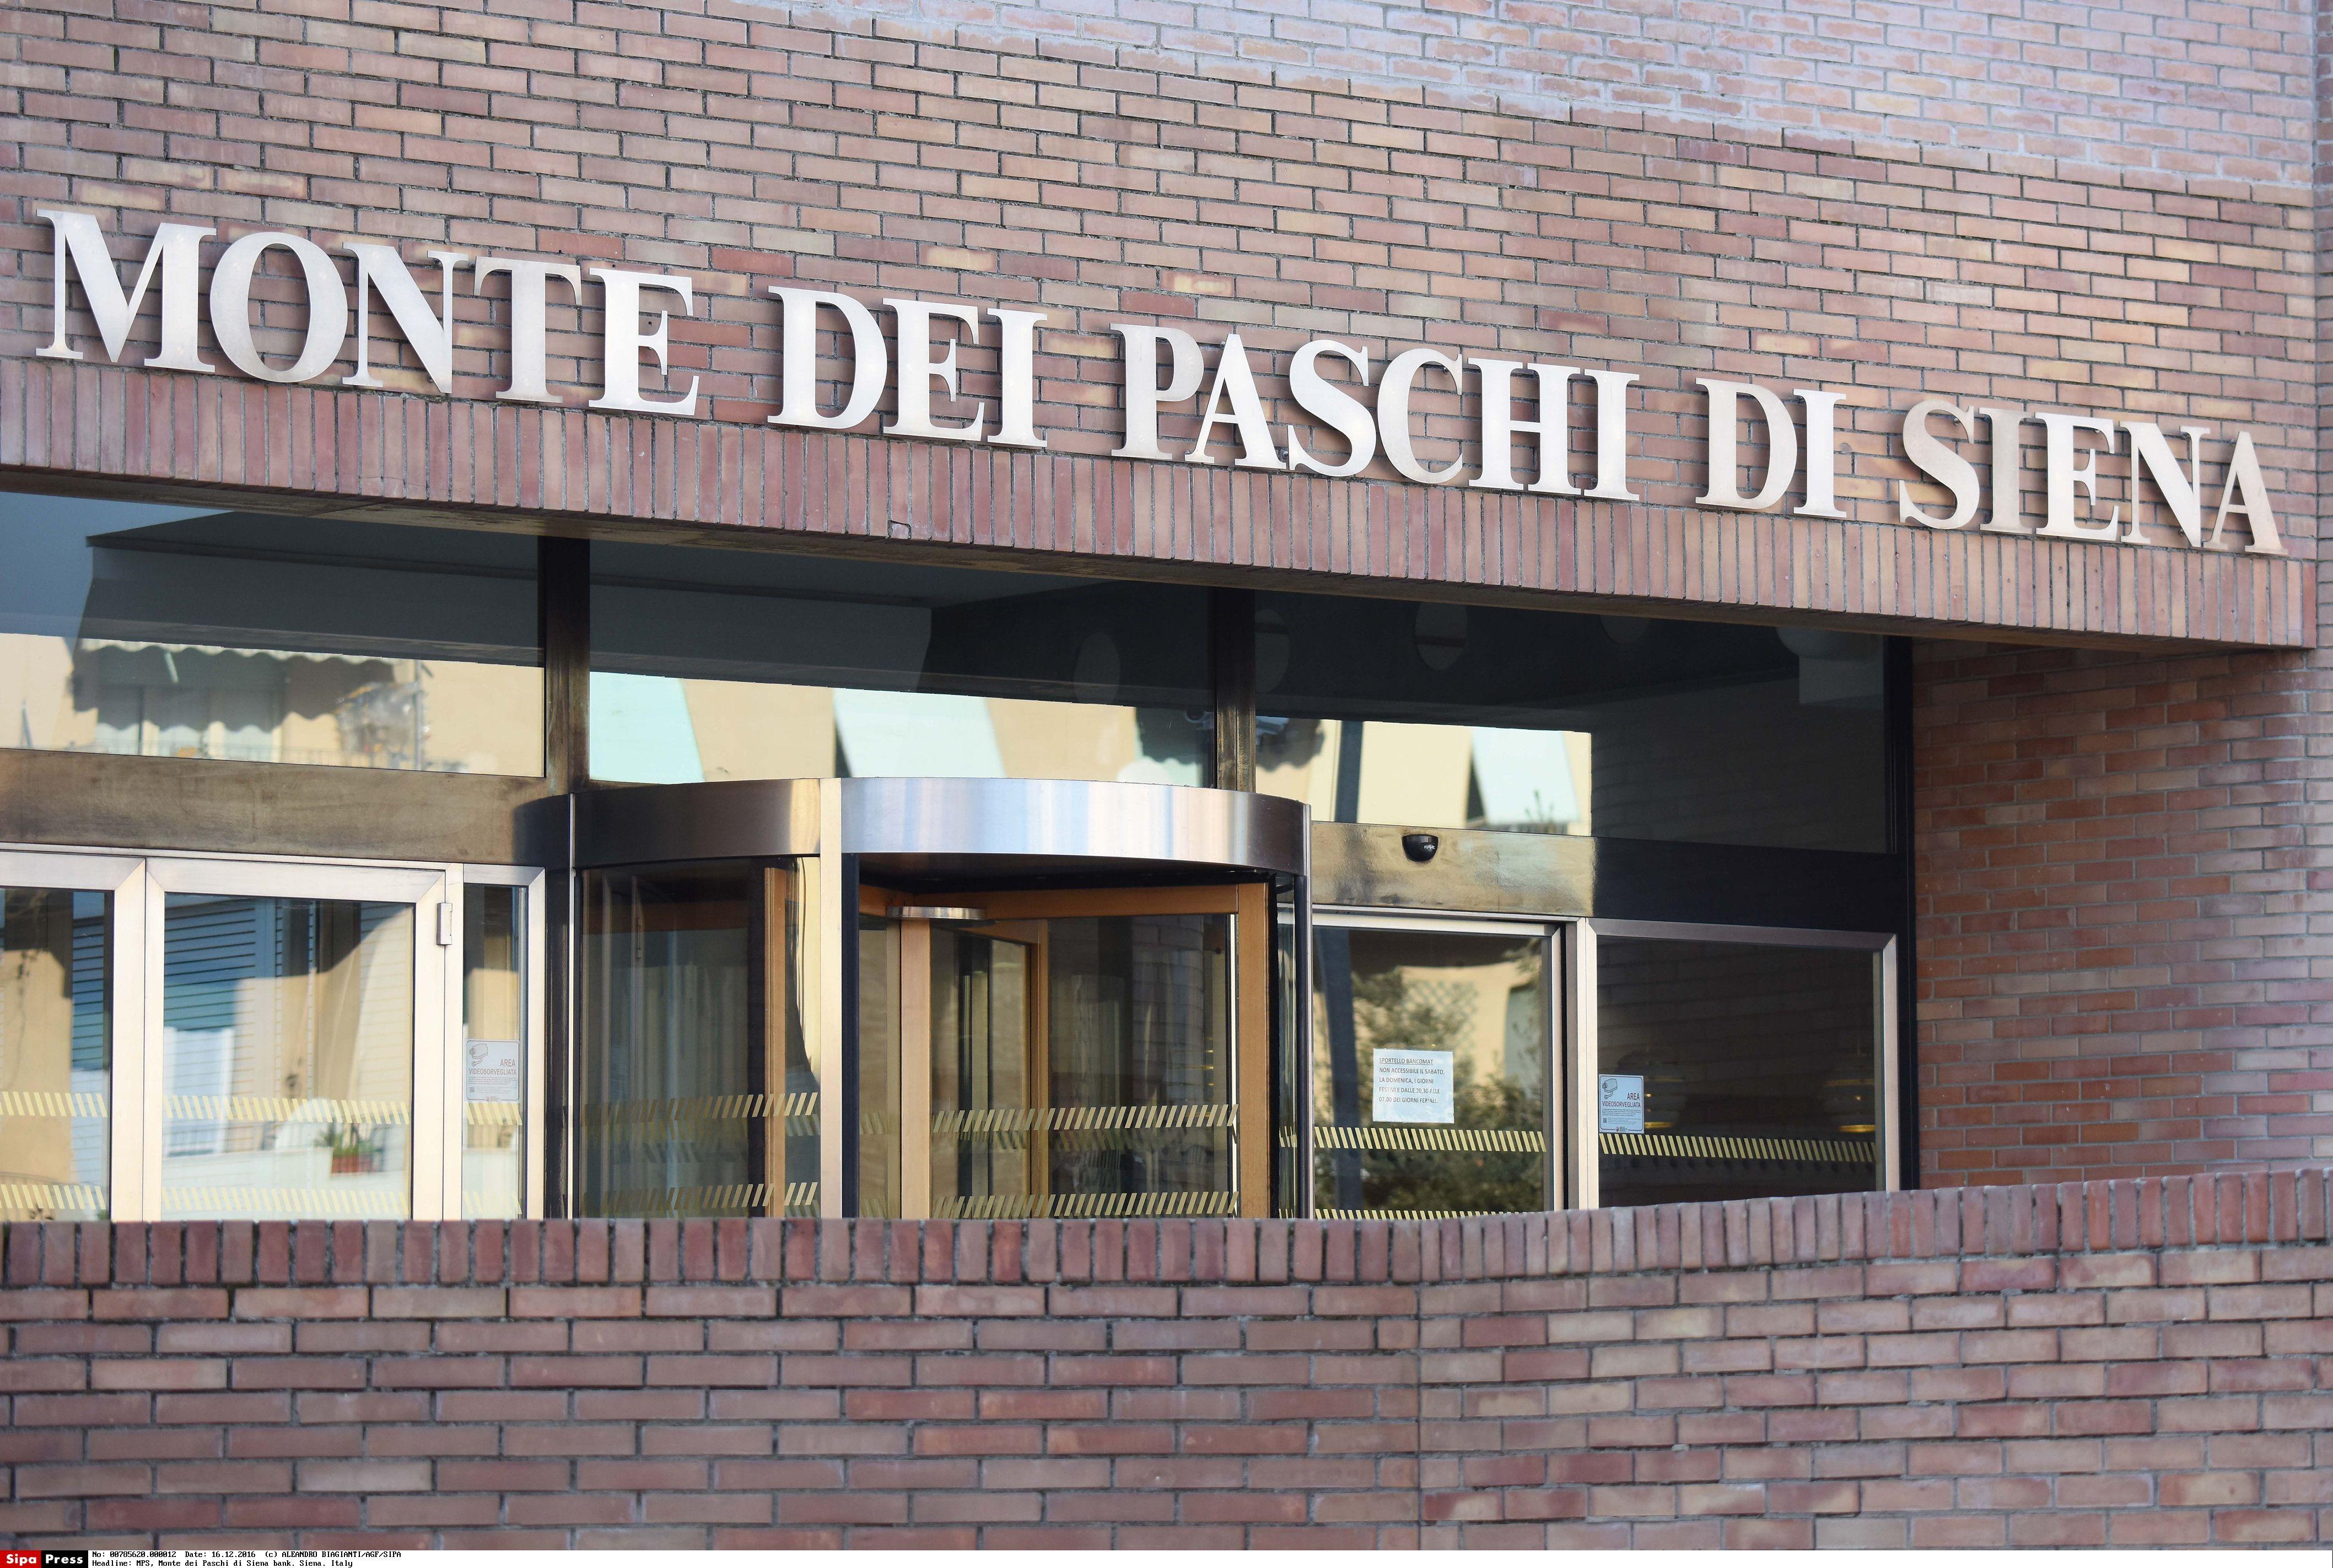 Italų vyriausybė bankų problemoms spręsti ruošia 20 mlrd. Eur